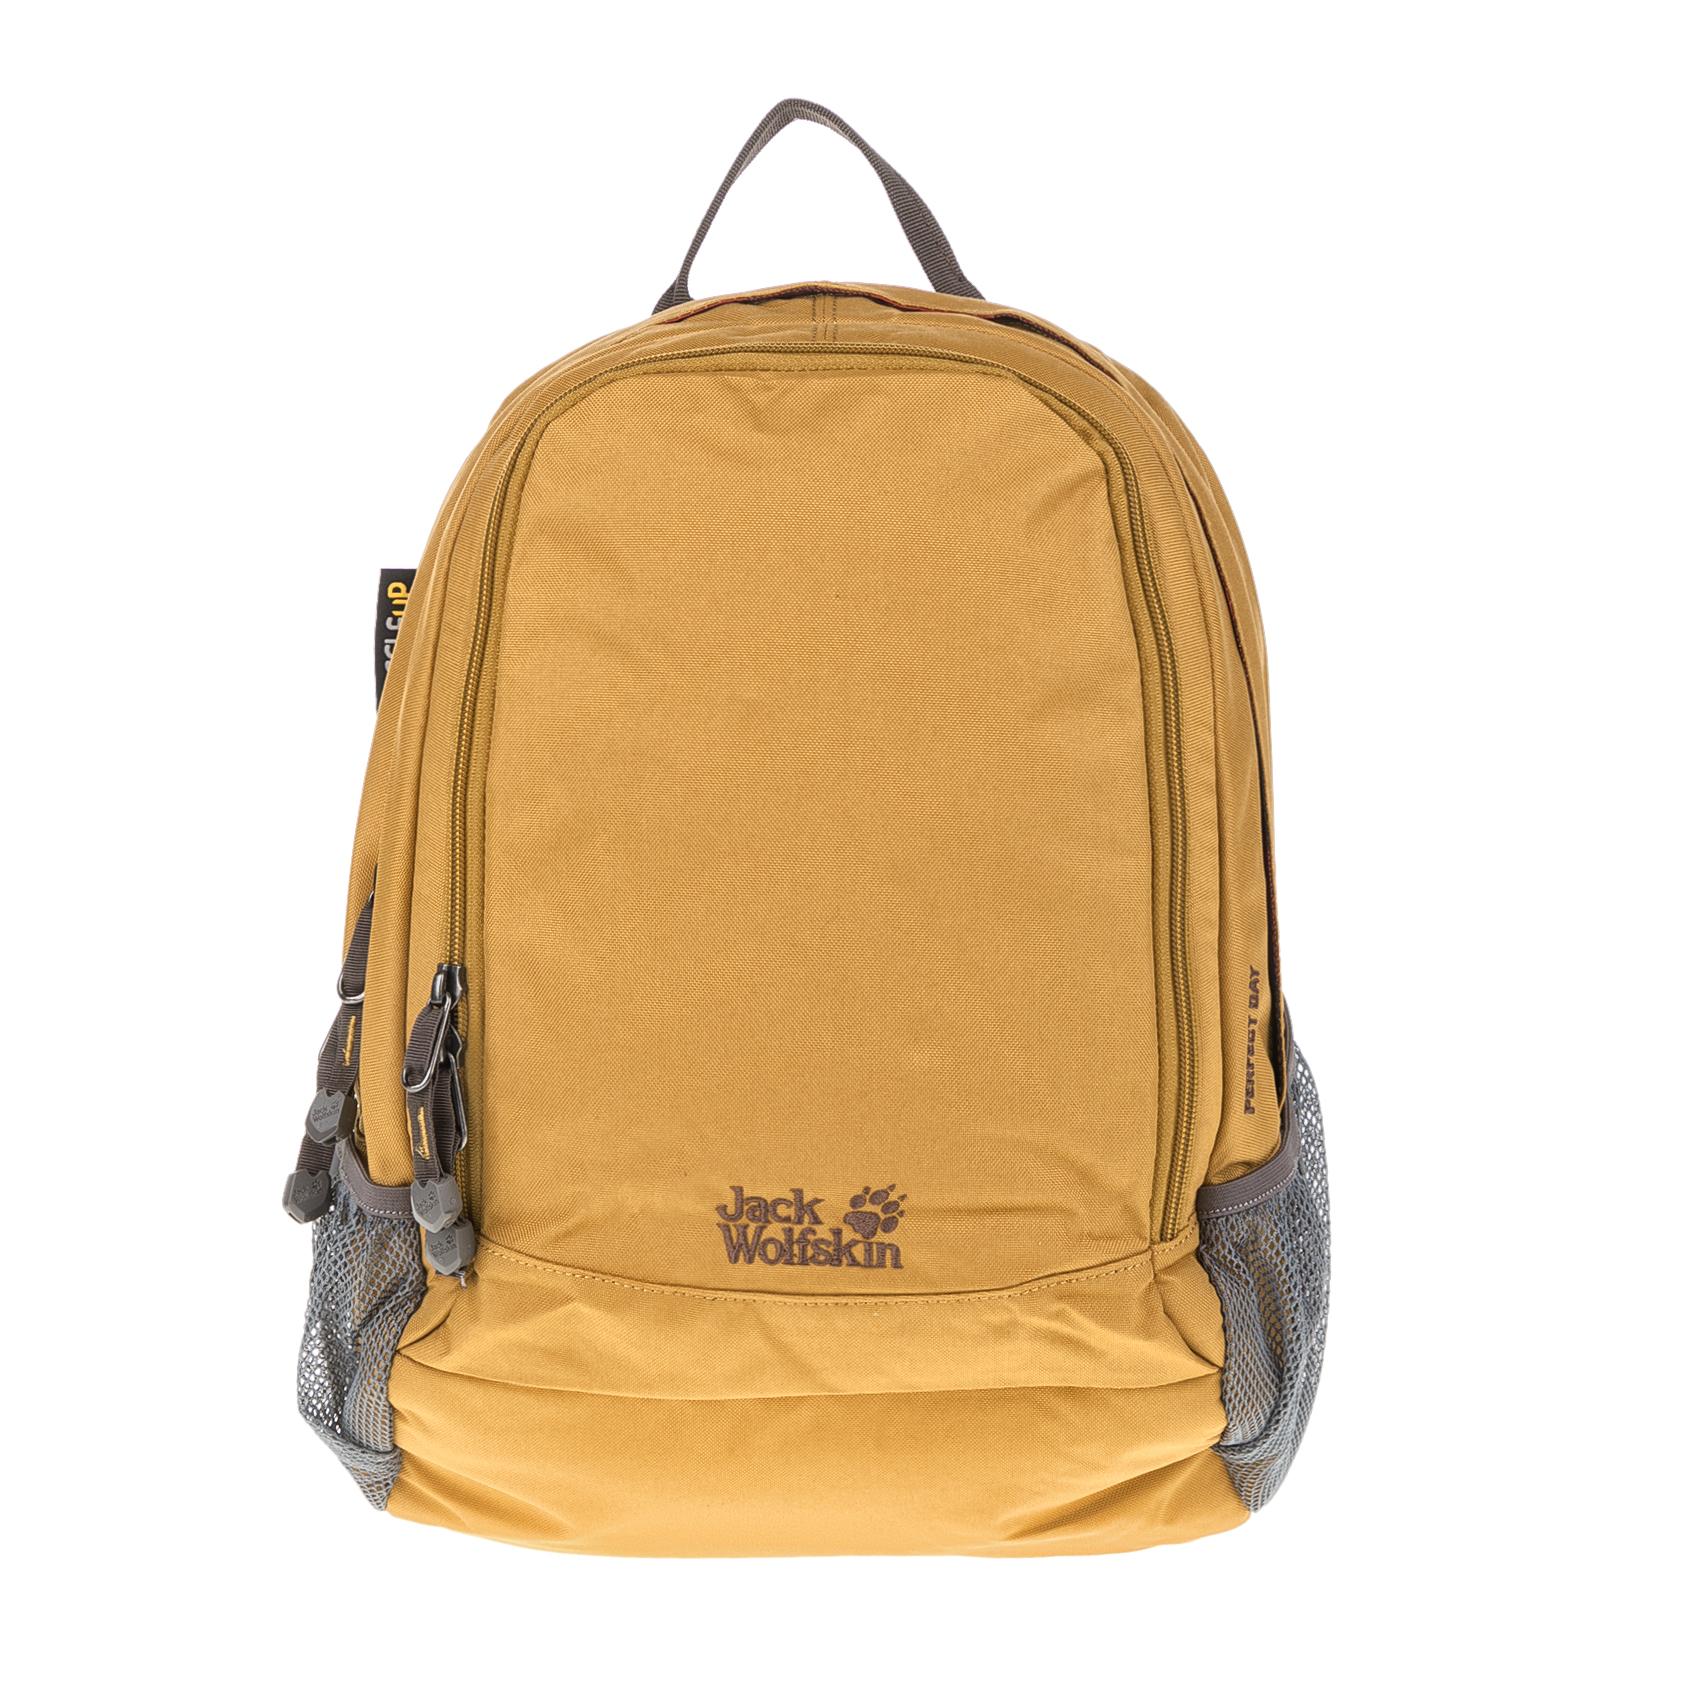 JACK WOLFSKIN – Τσάντα πλάτης PERFECT DAY DAYPACK EQUIPMENT JACK WOLFSKIN κίτρινη